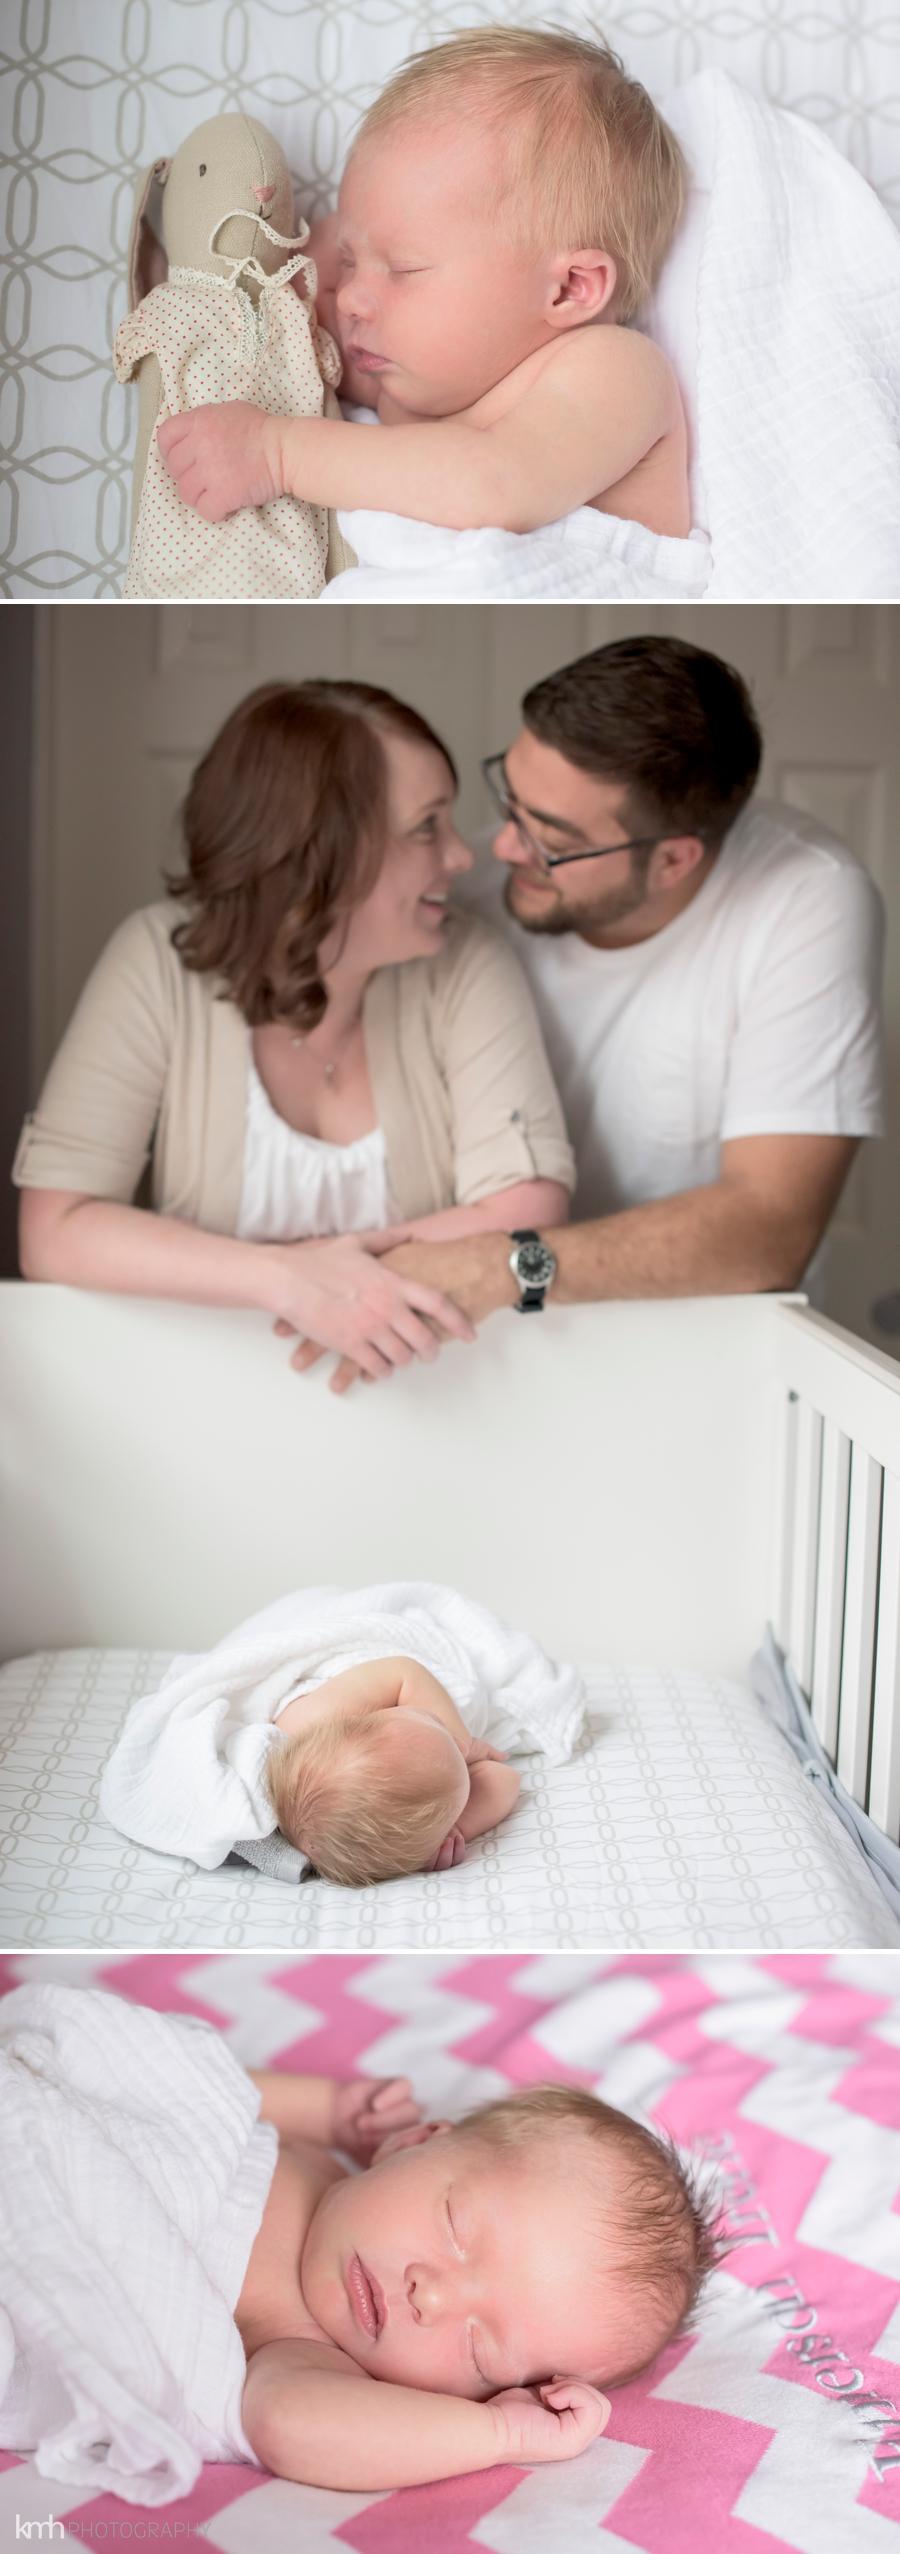 kmh-las-vegas-newborn-photography-babye-5